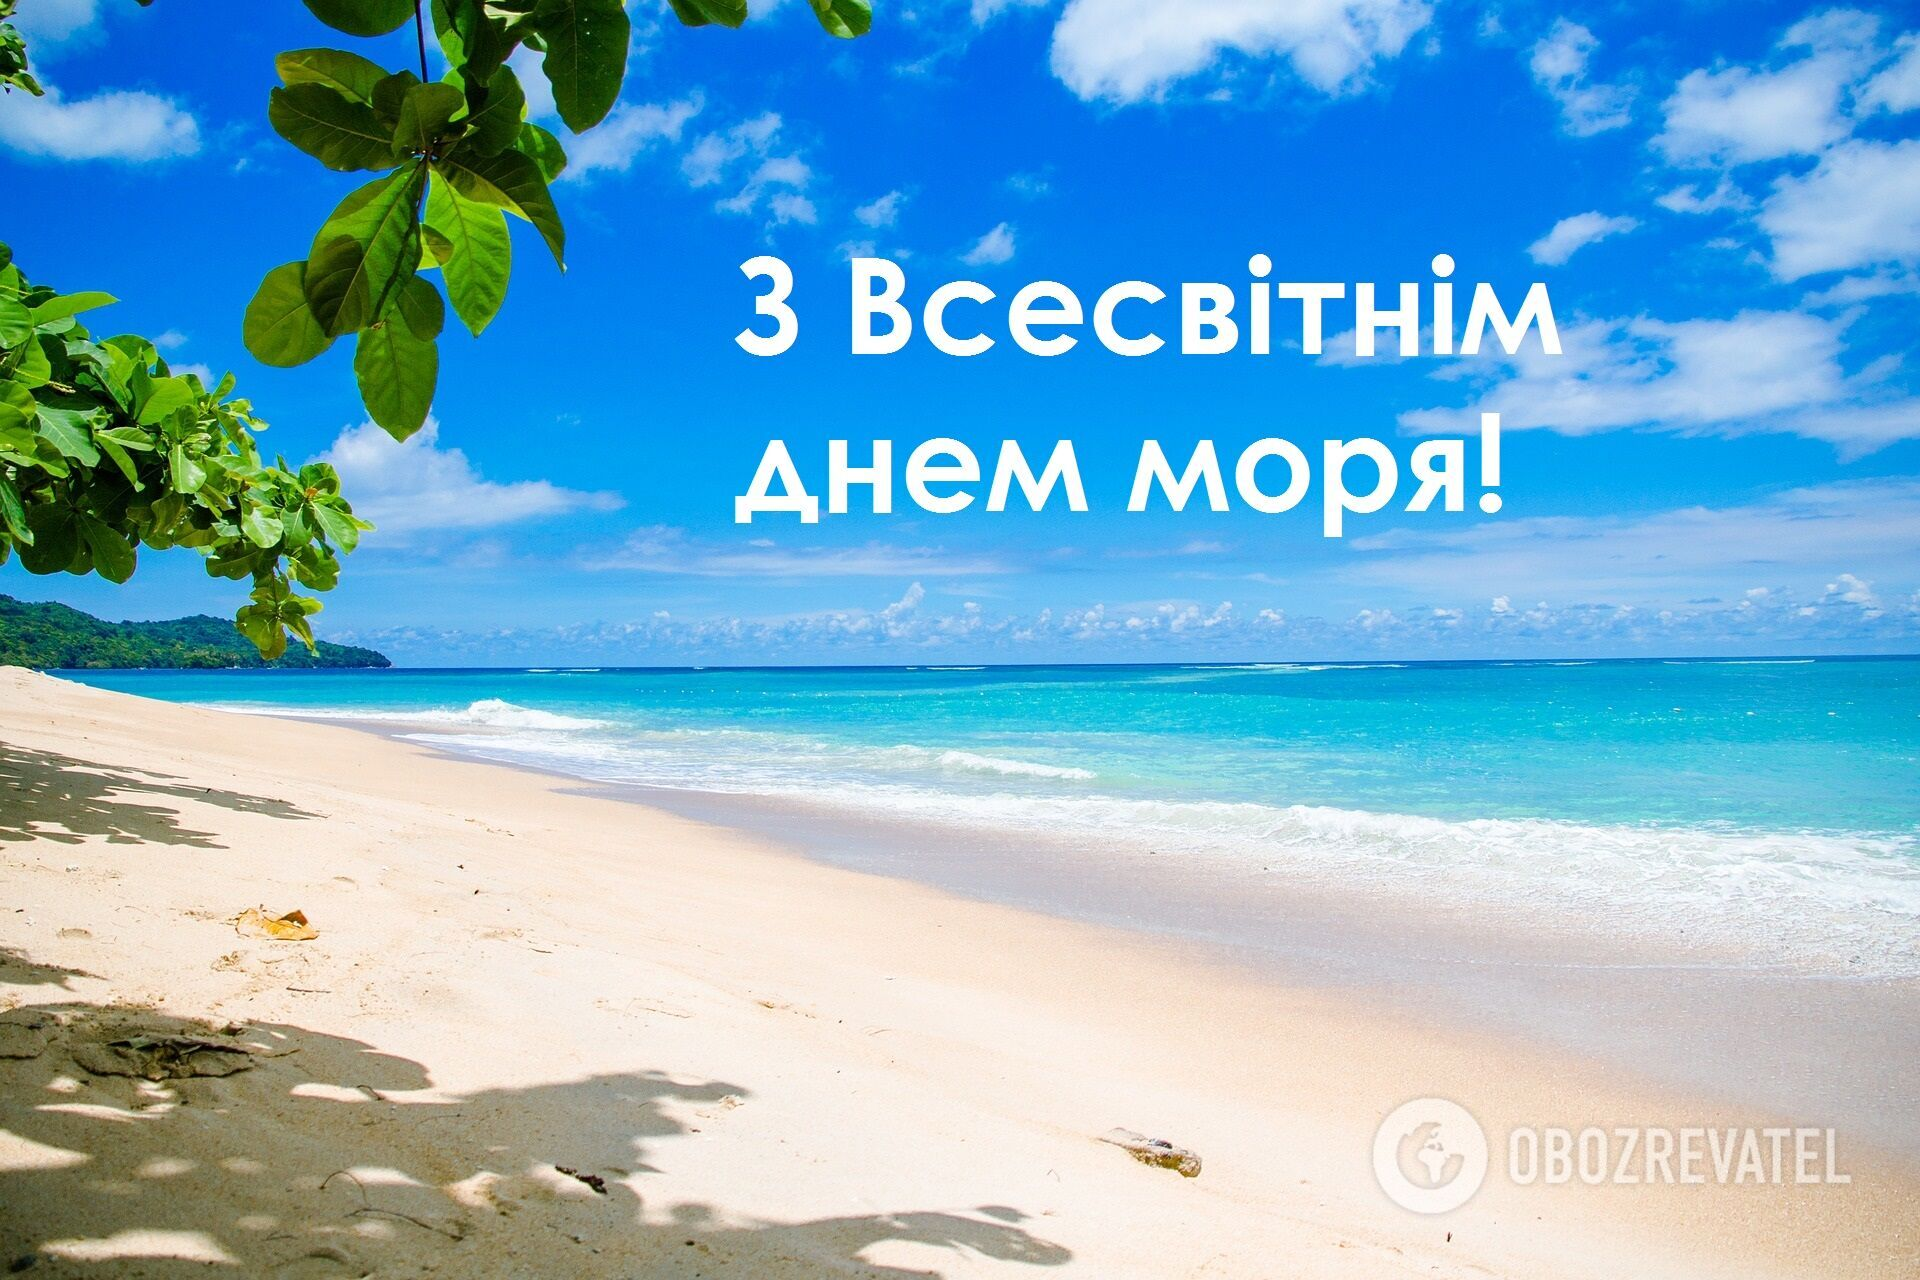 Всемирный день моря: картинка